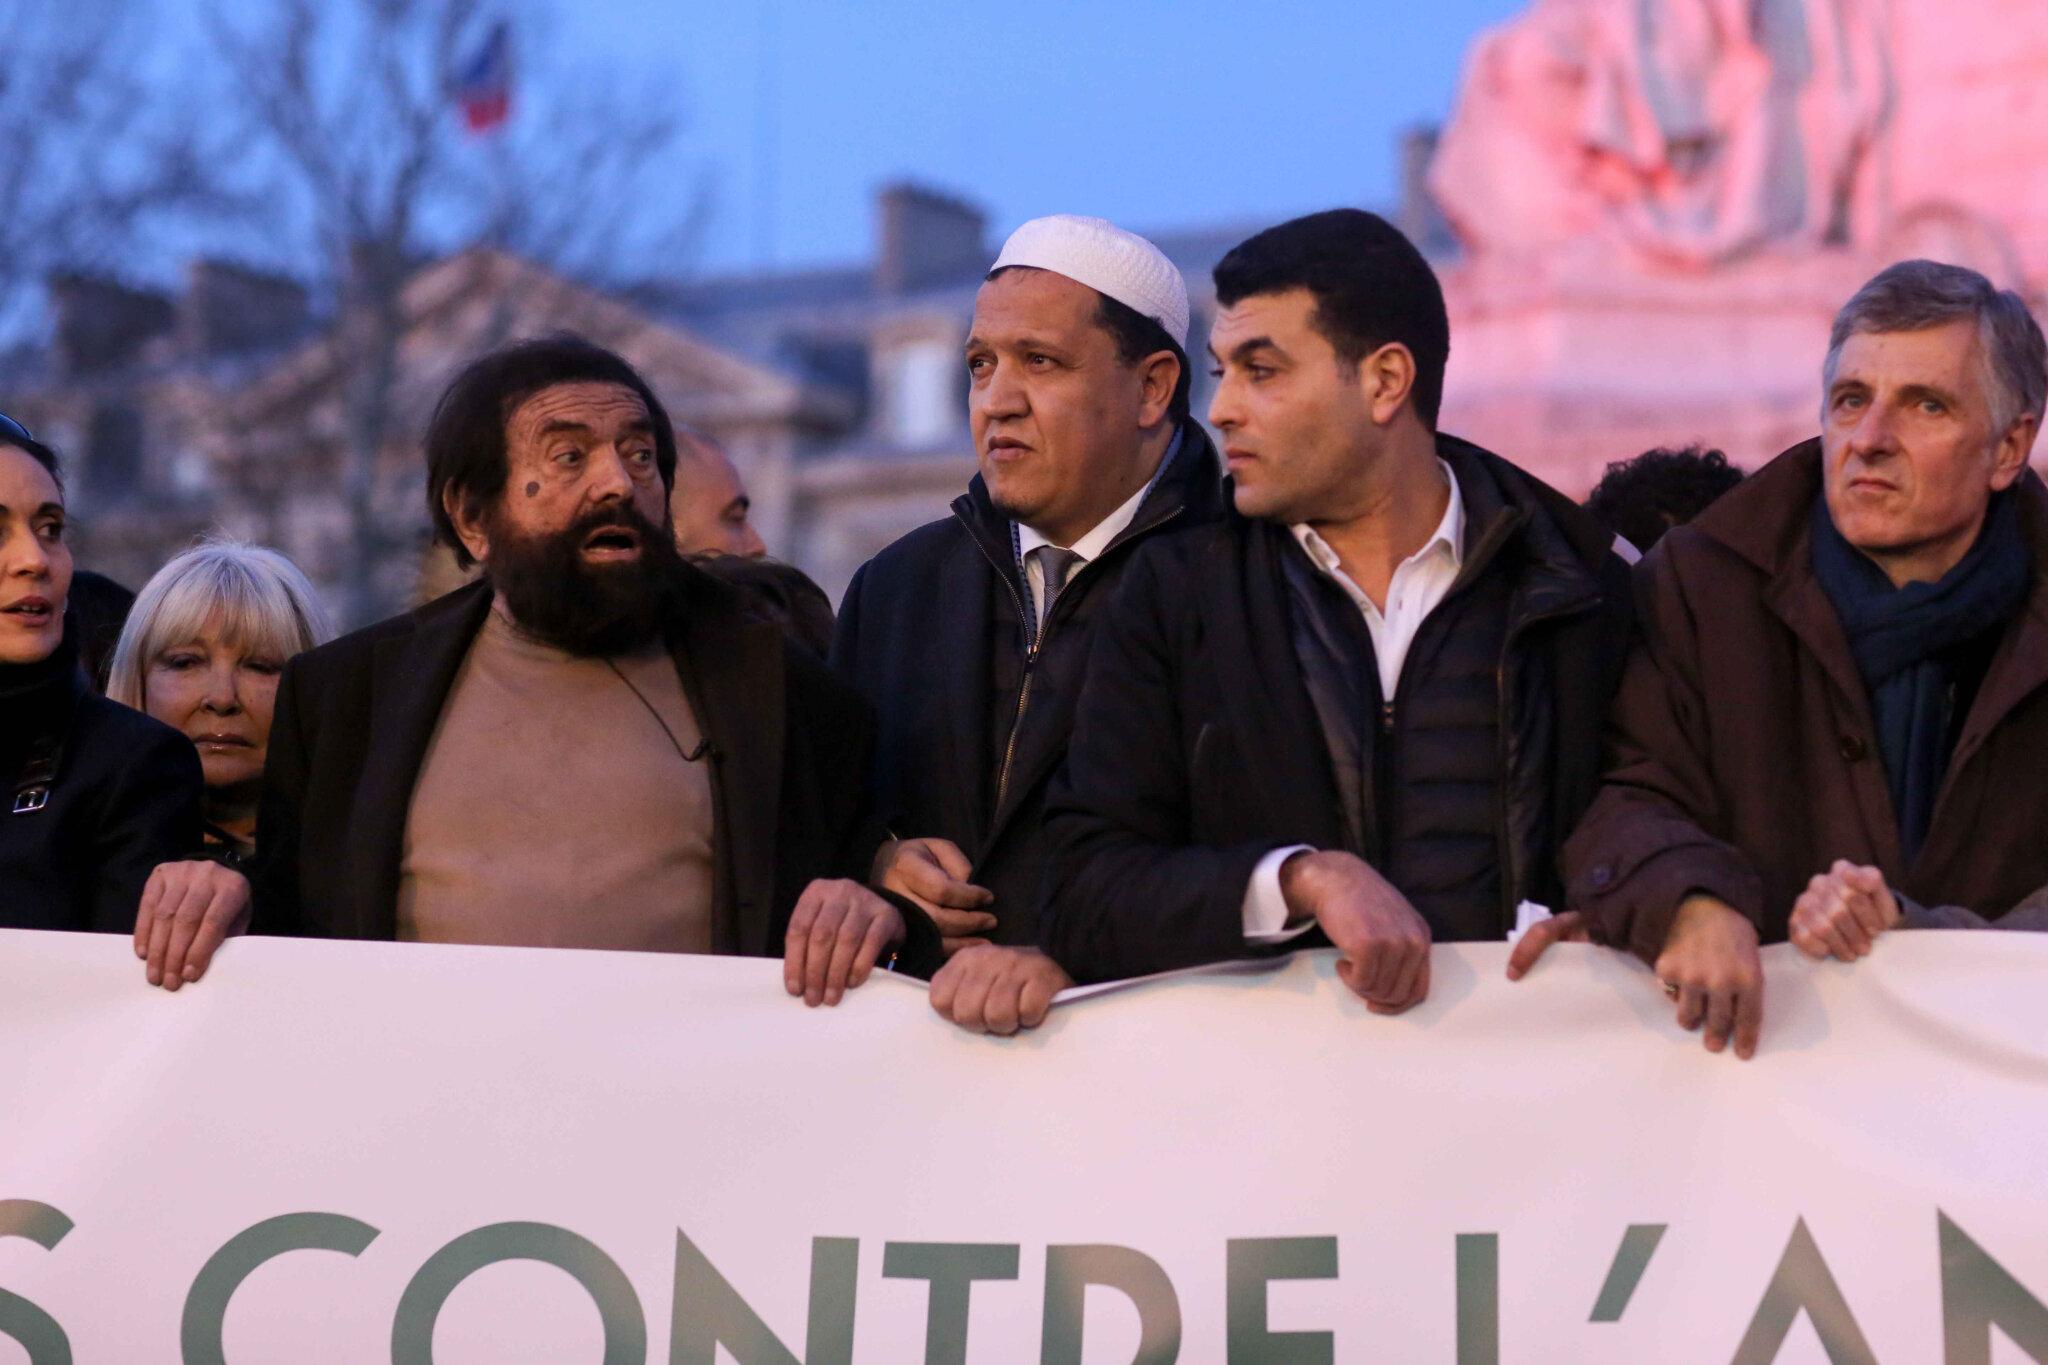 Non à l'antisémitisme : des milliers de personnes place de la République. © Michel Stoupak. Mar 19.02.2019, 18h39m17.